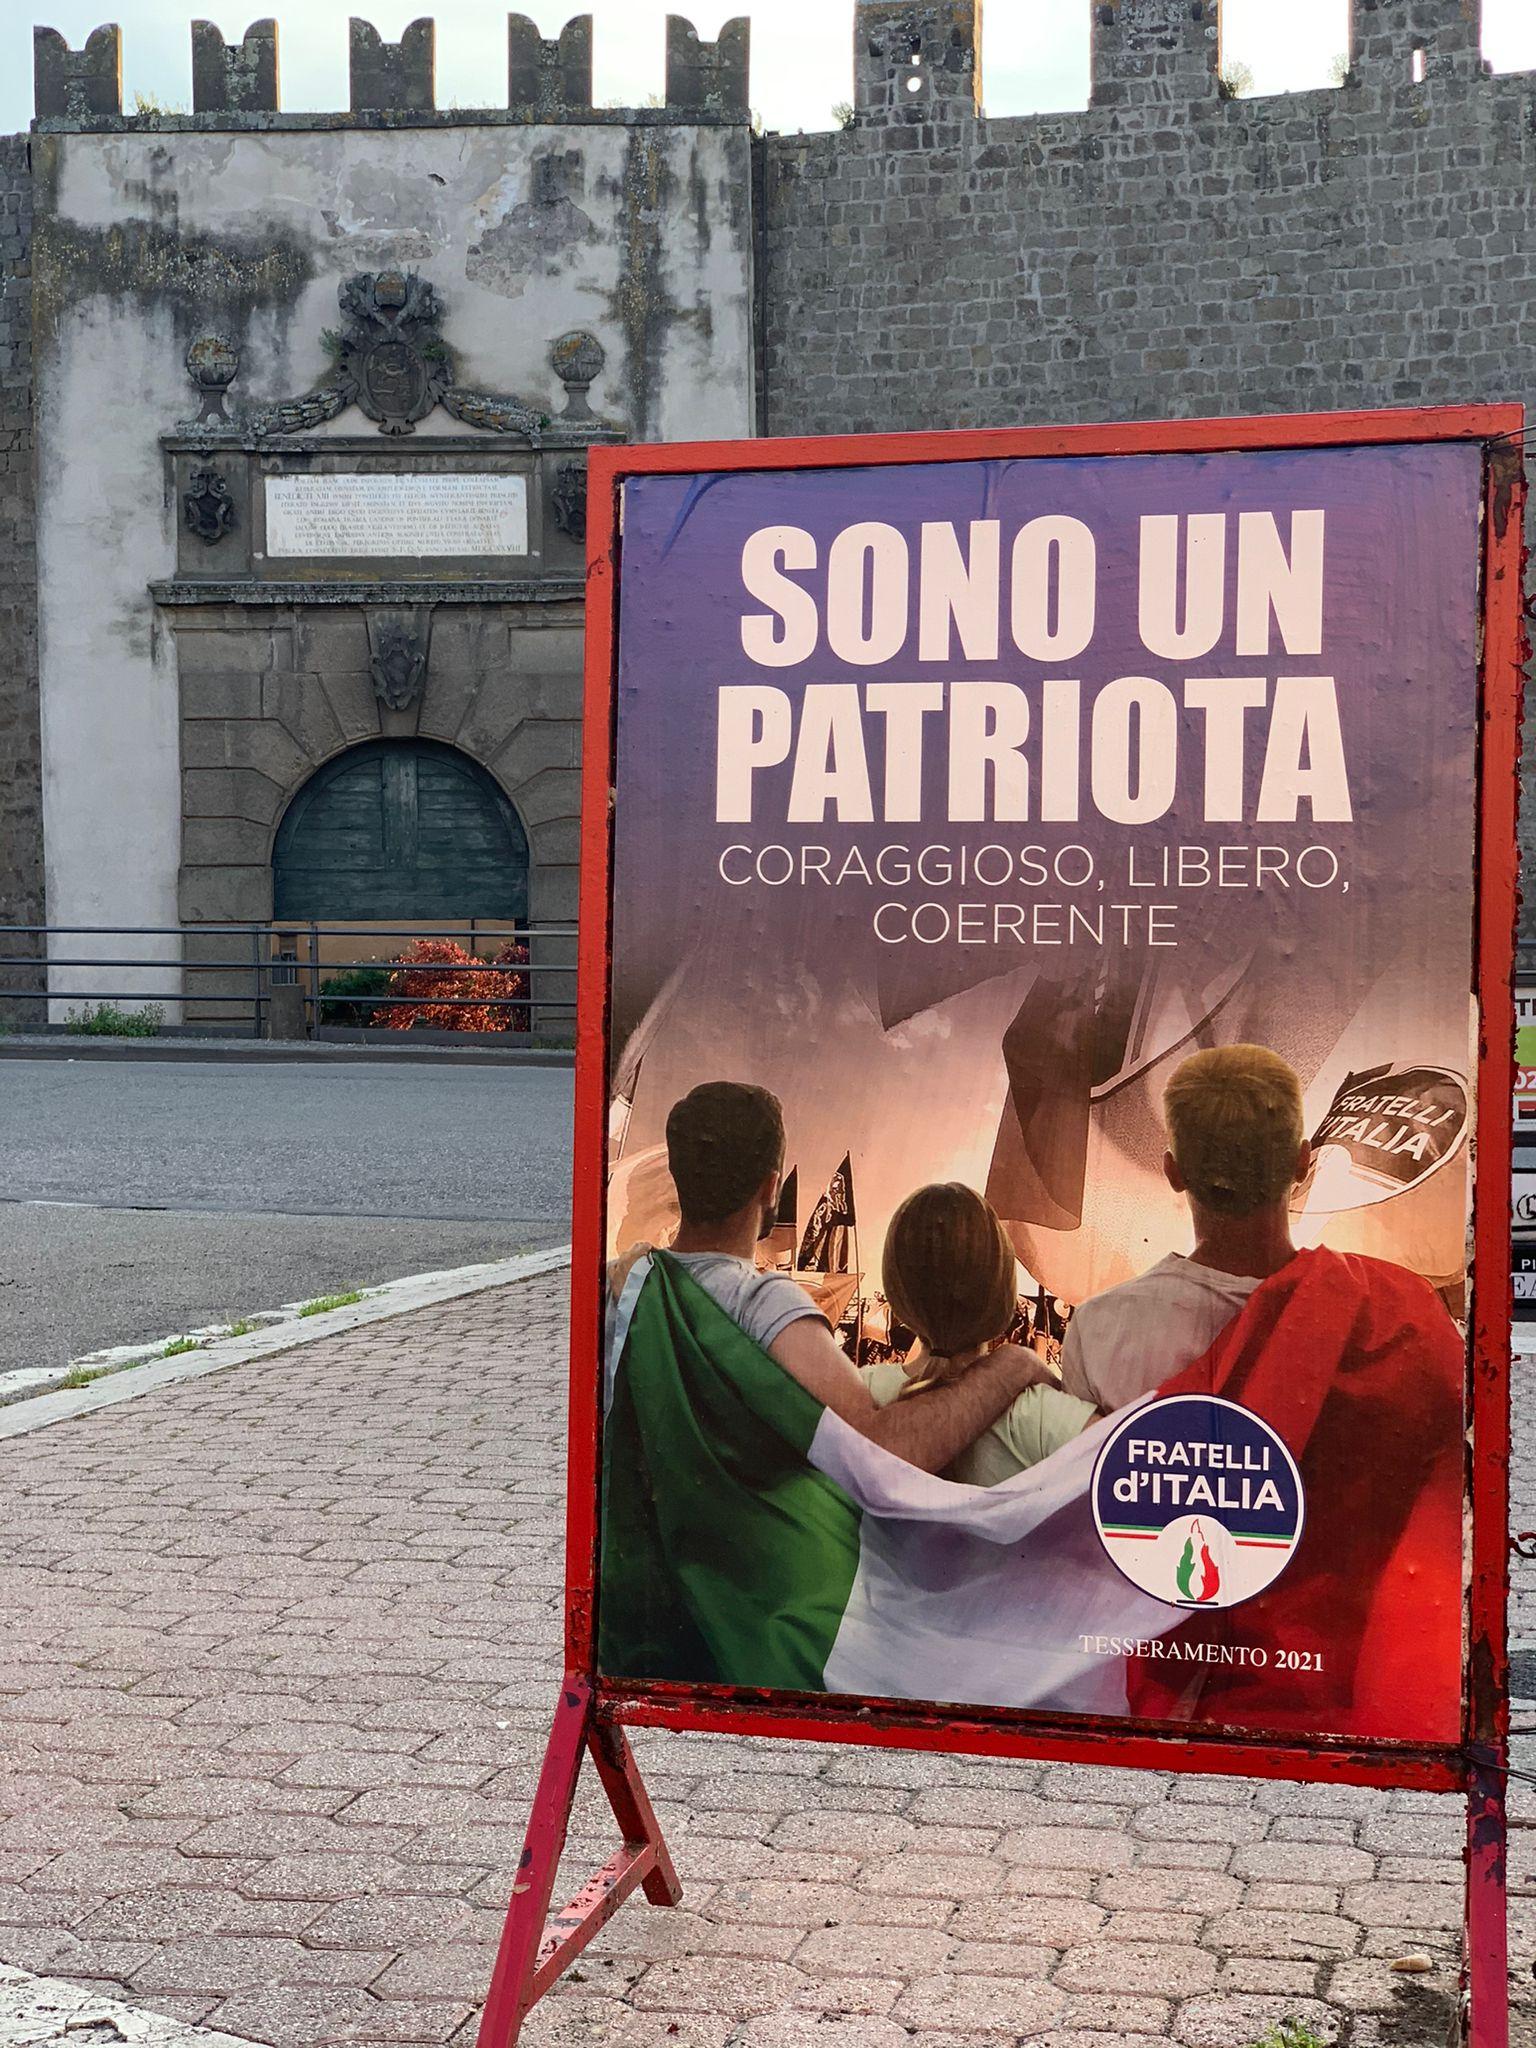 SABATO A VITERBO IL GAZEBO PER IL TESSERAMENTO DI FRATELLI D'ITALIA